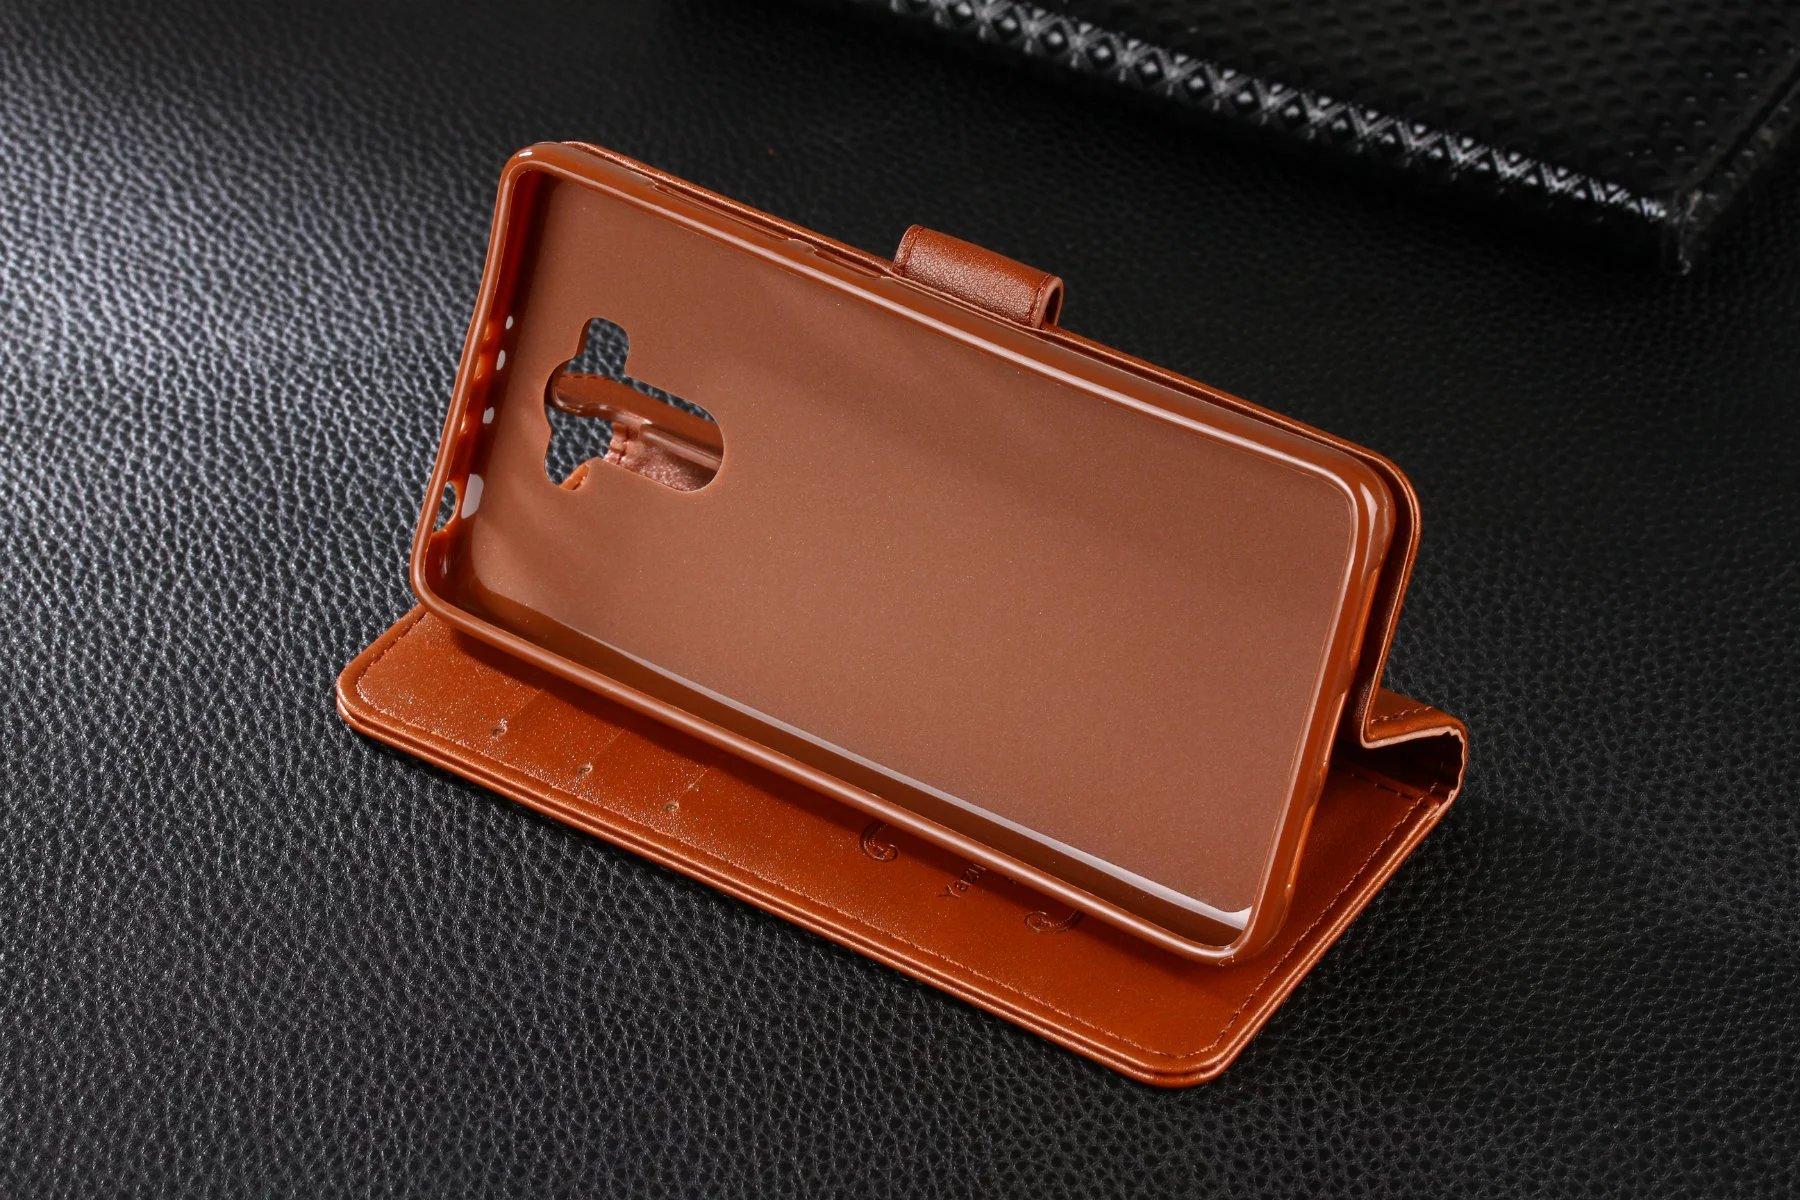 Luksusowy portfel case dla xiaomi redmi 4 pro redmi 4 książka klapki pokrywa pu leather stań torby telefonów pokrowce na xiaomi redmi 4 pro 22